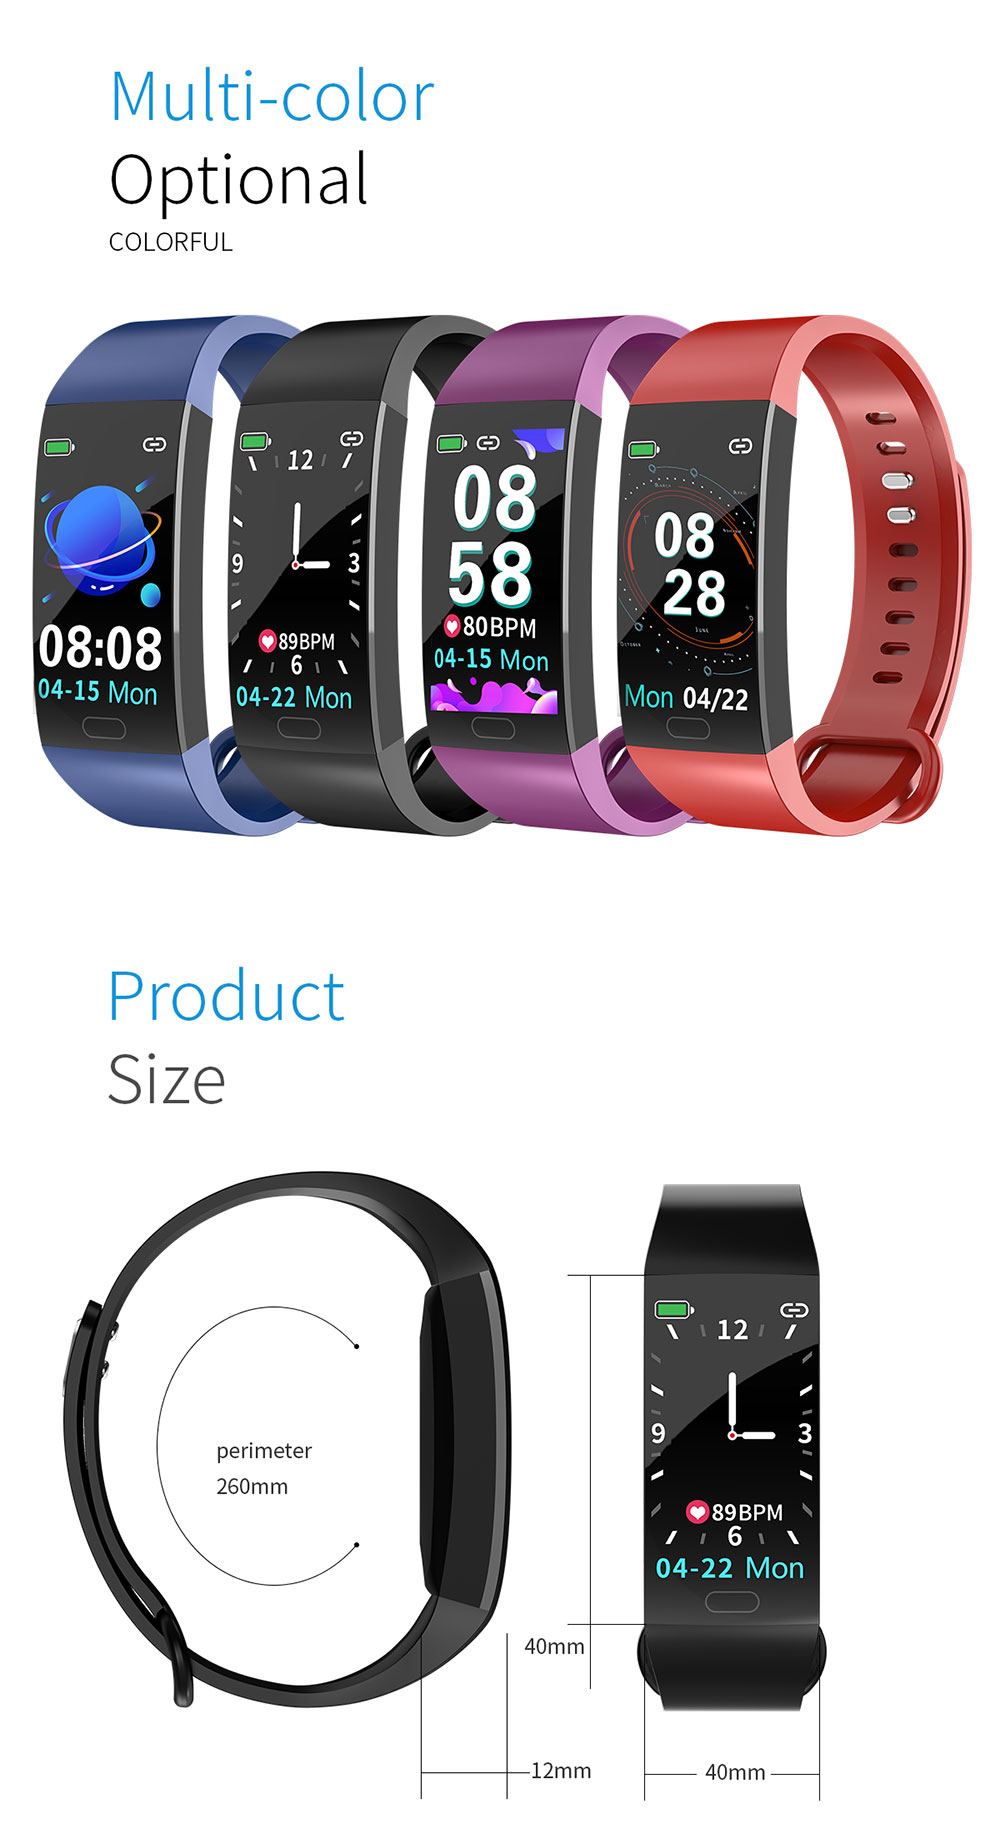 HTB1SCMQbbr1gK0jSZFDq6z9yVXaI Smart Bracelet Blood Pressure Measurement Fitness Tracker Watch Waterproof Heart Rate Monitor Smart Wristband Women Men Watch